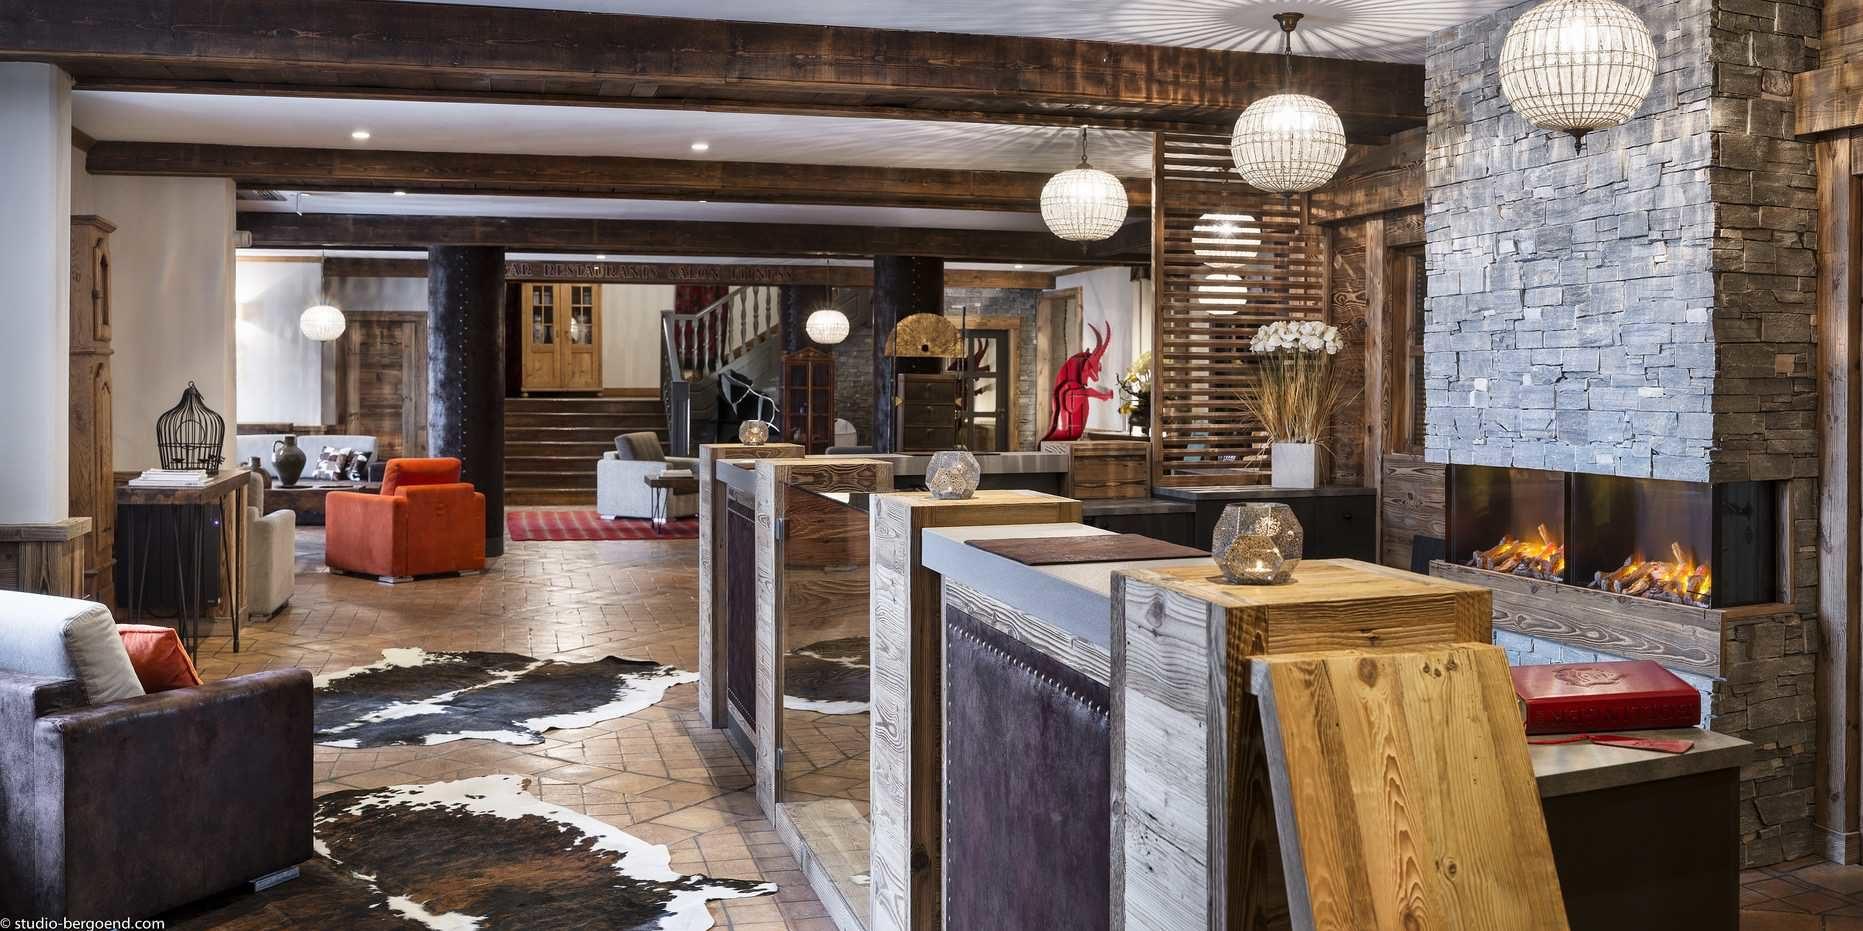 Hotel Village Montana Tignes Tignes-Val d'Isere Frankrijk wintersport skivakantie luxe lounge open haard stenen muur oranje bruine fauteuils vloerkleden hanglampen trap houten balken